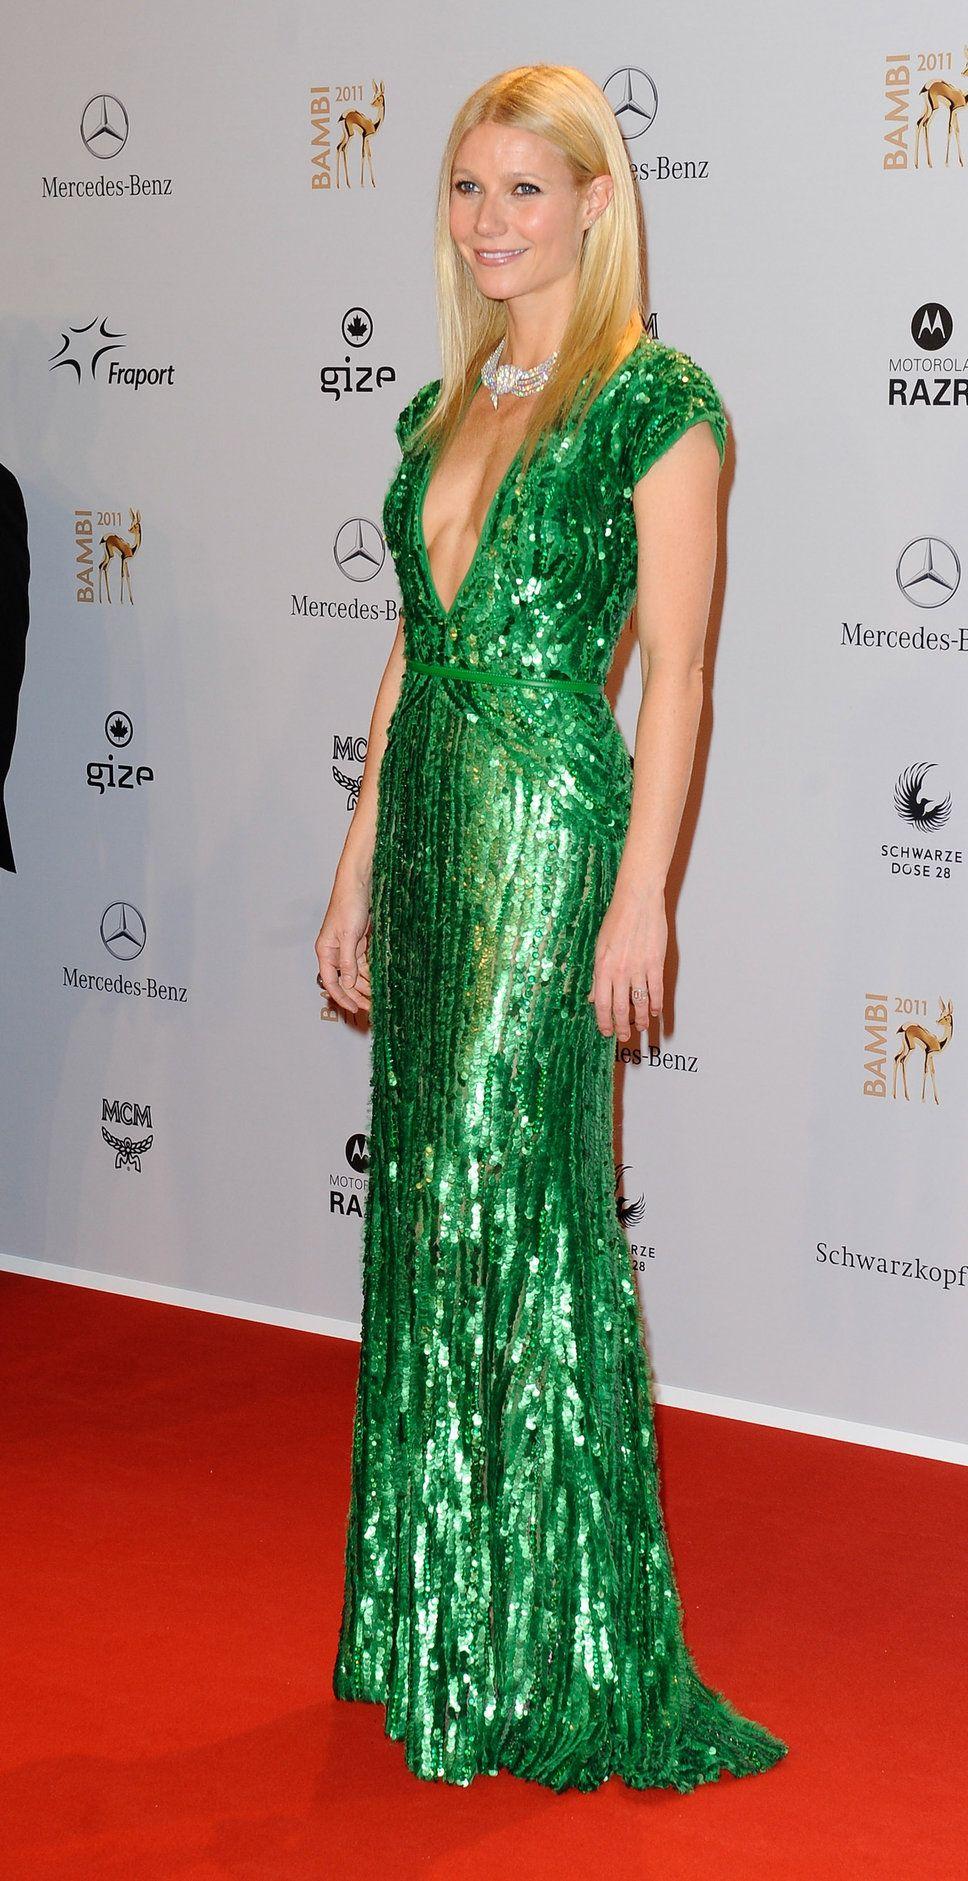 Gwennie in green Elie Saab.  Yes, girl.